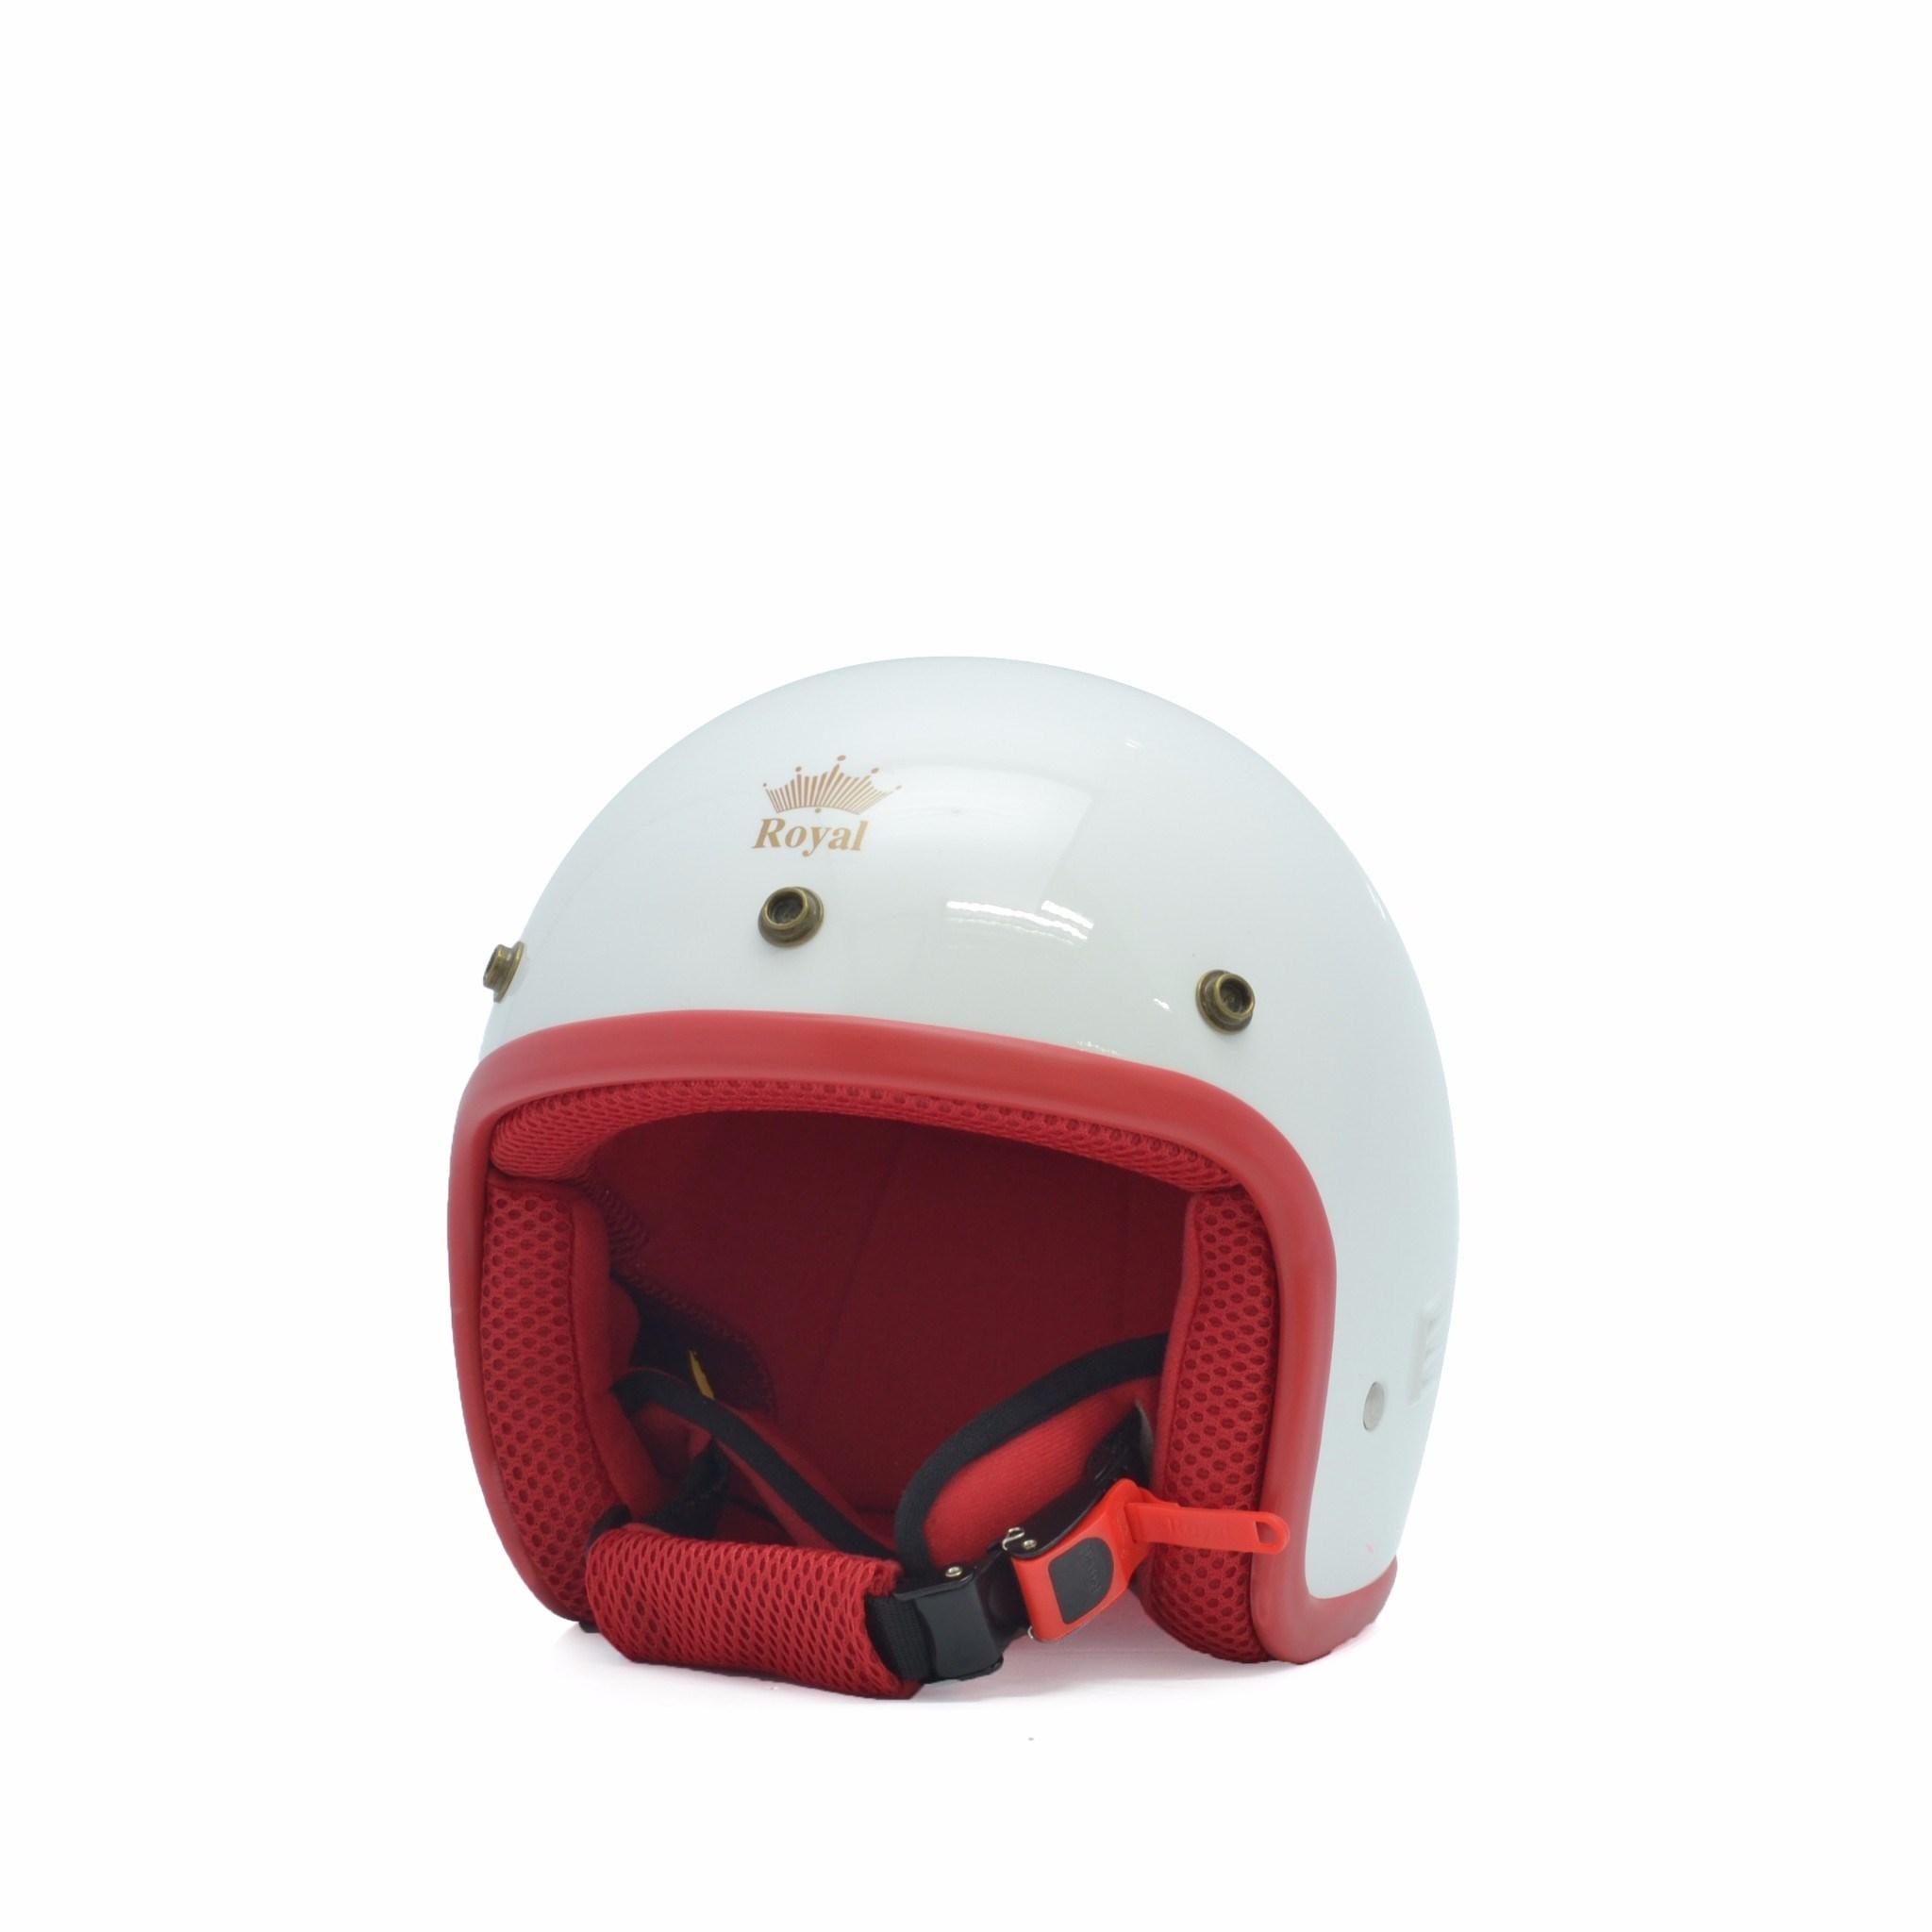 Mũ bảo hiểm trẻ em 3/4 M20s trắng - đỏ